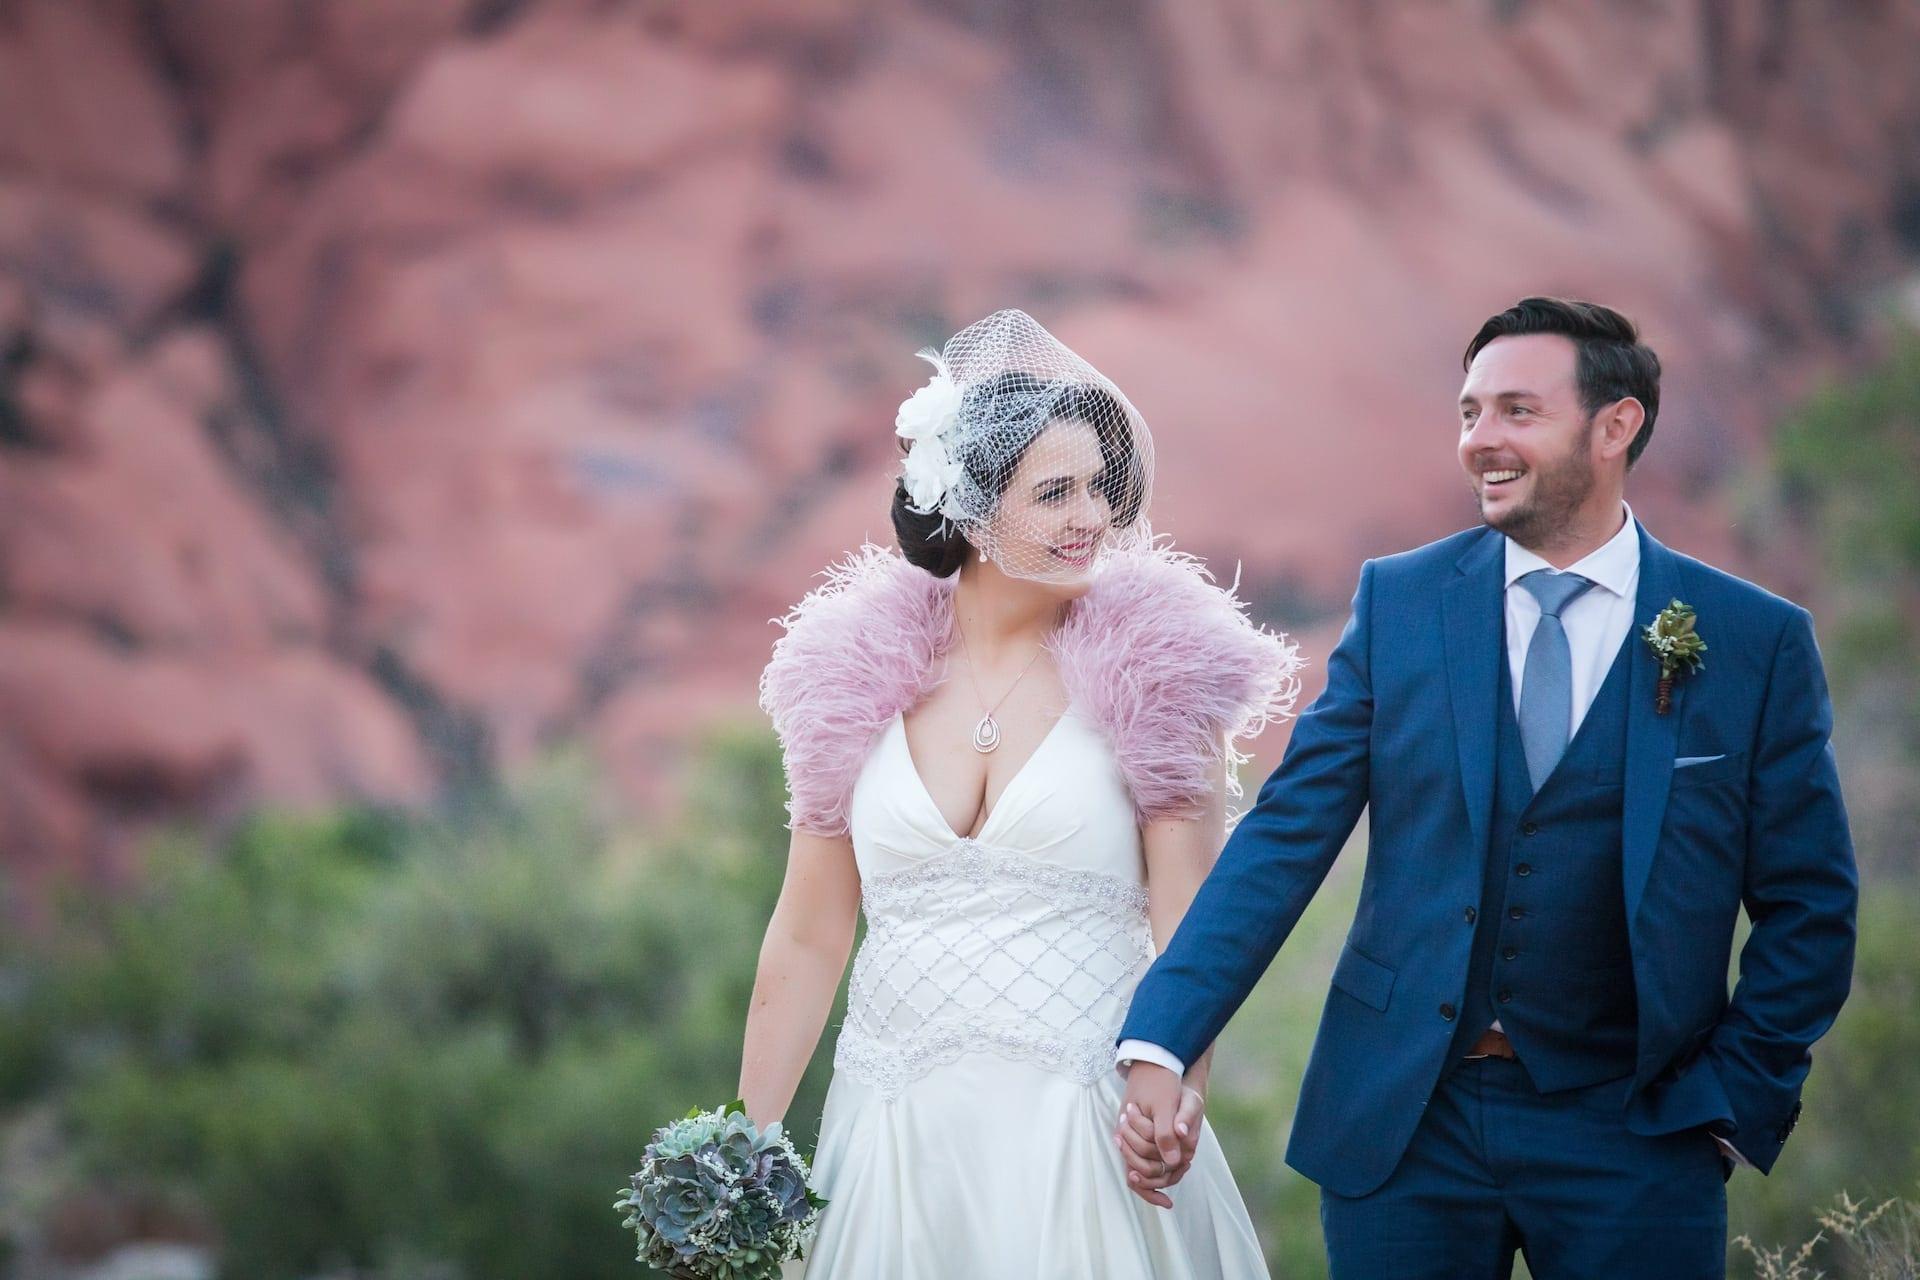 Gail + Nick eloping in Vegas.